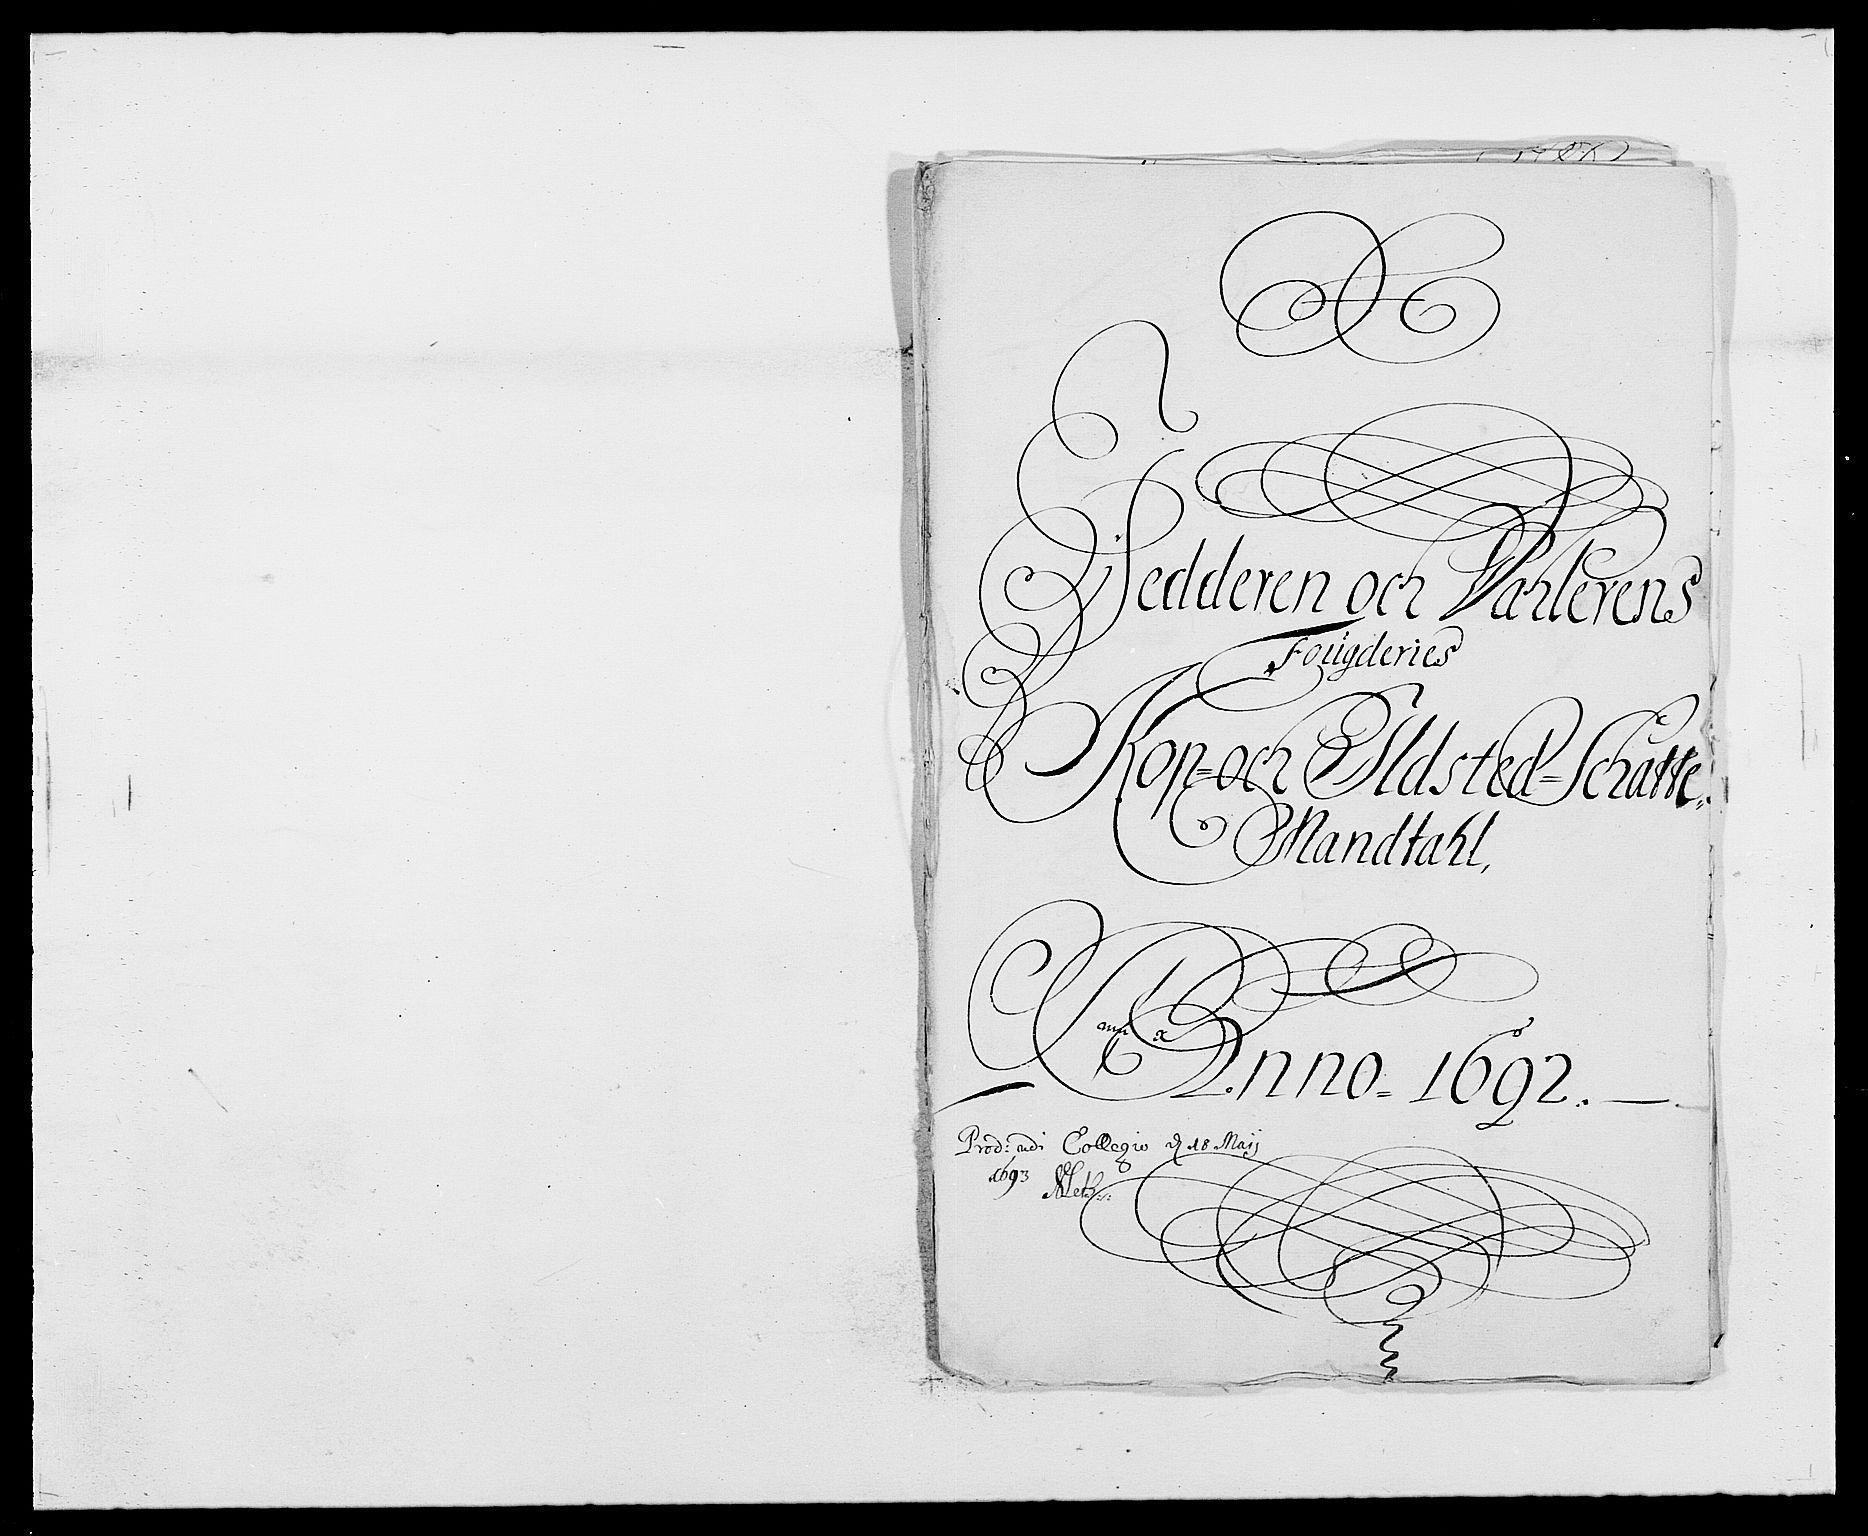 RA, Rentekammeret inntil 1814, Reviderte regnskaper, Fogderegnskap, R46/L2727: Fogderegnskap Jæren og Dalane, 1690-1693, s. 188